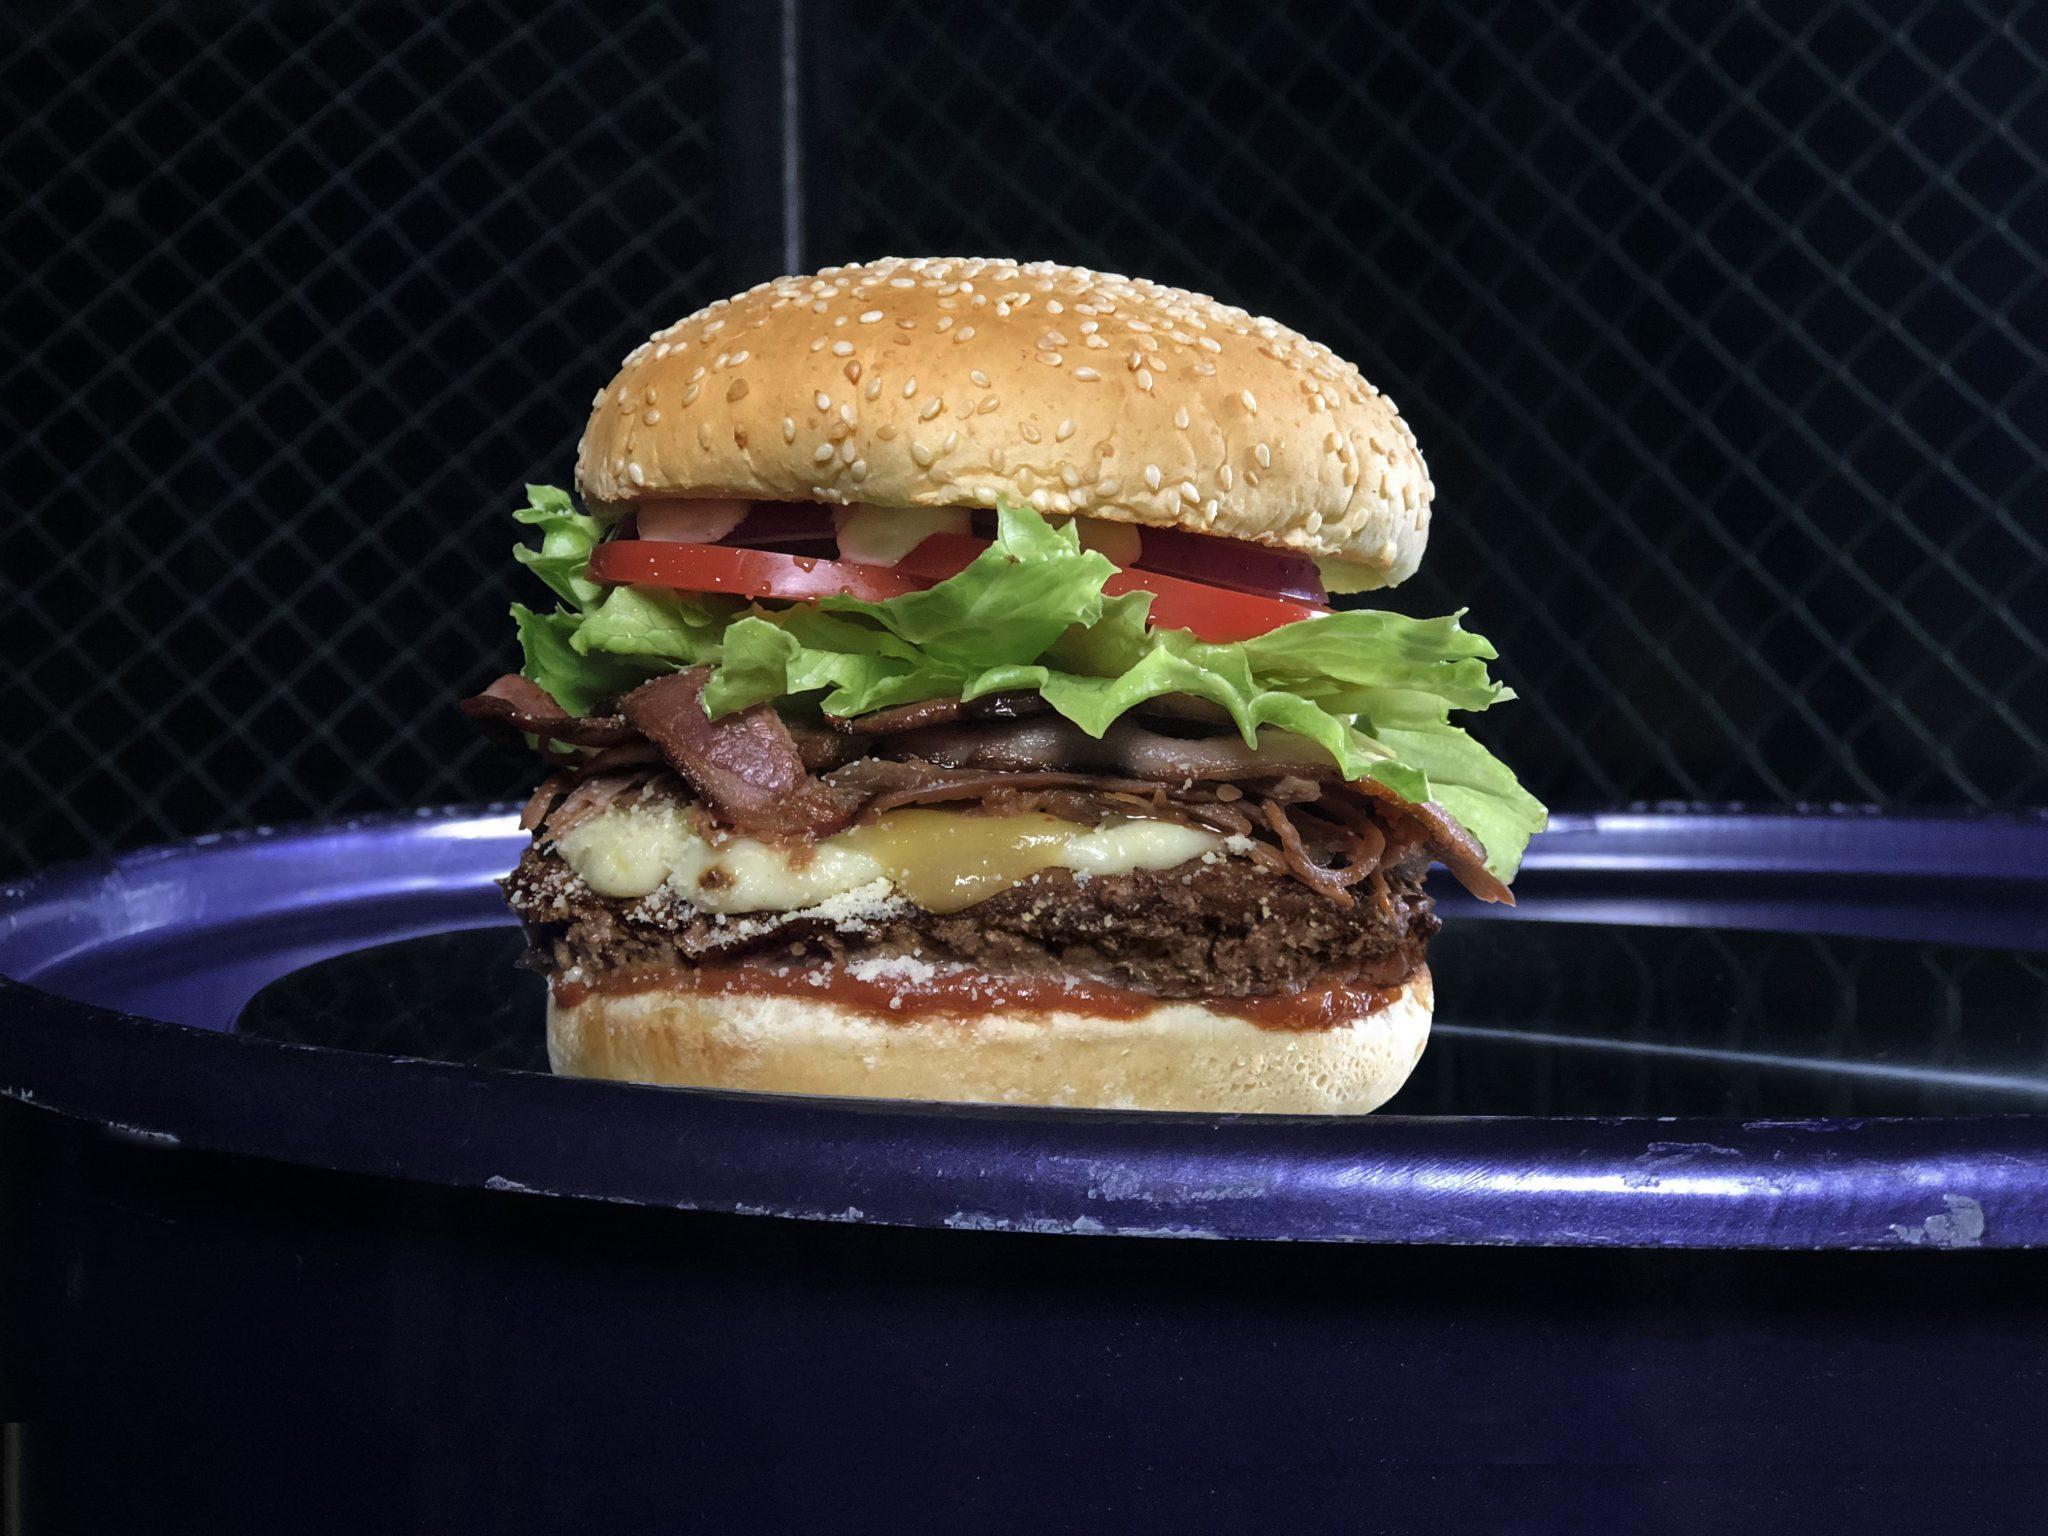 مطاعم برجر فيول تضيف برجر خيالي جديد الى قائمة طعامها